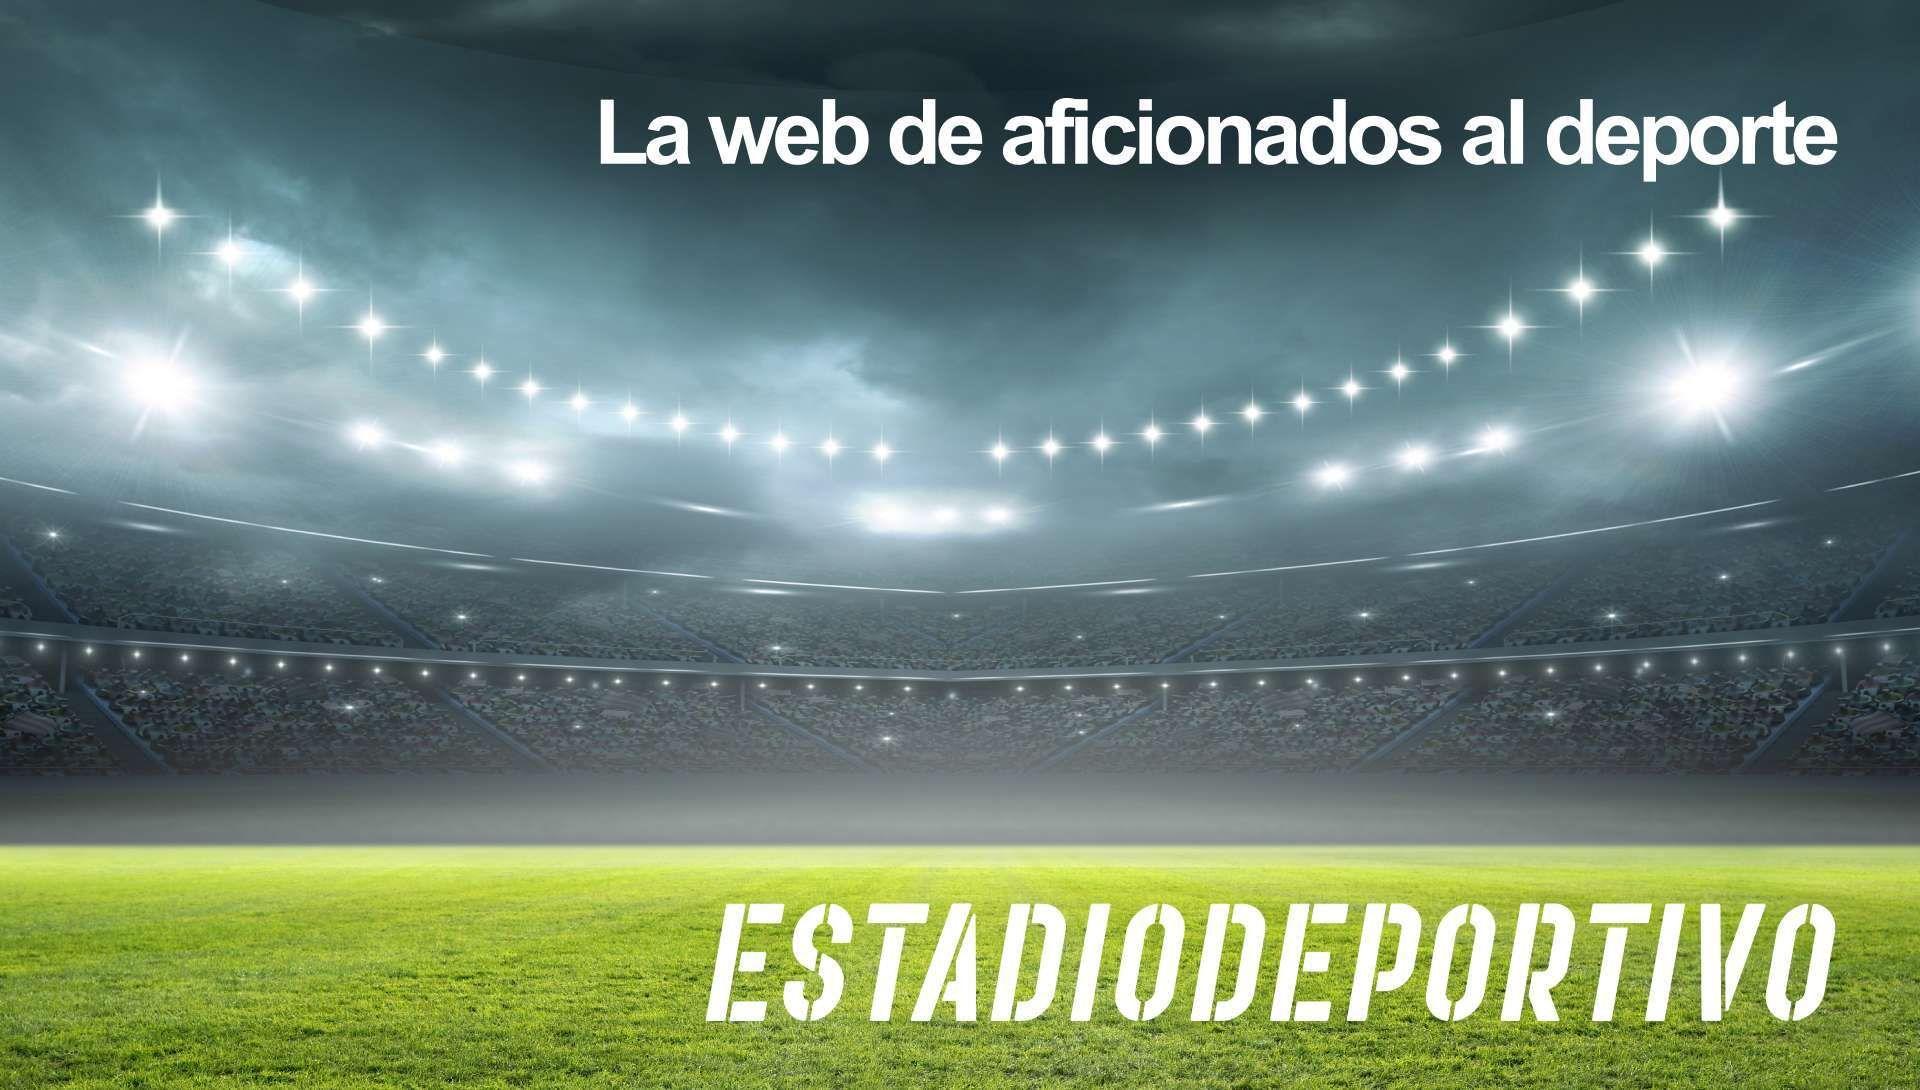 Las portadas deportivas del domingo 4 de julio